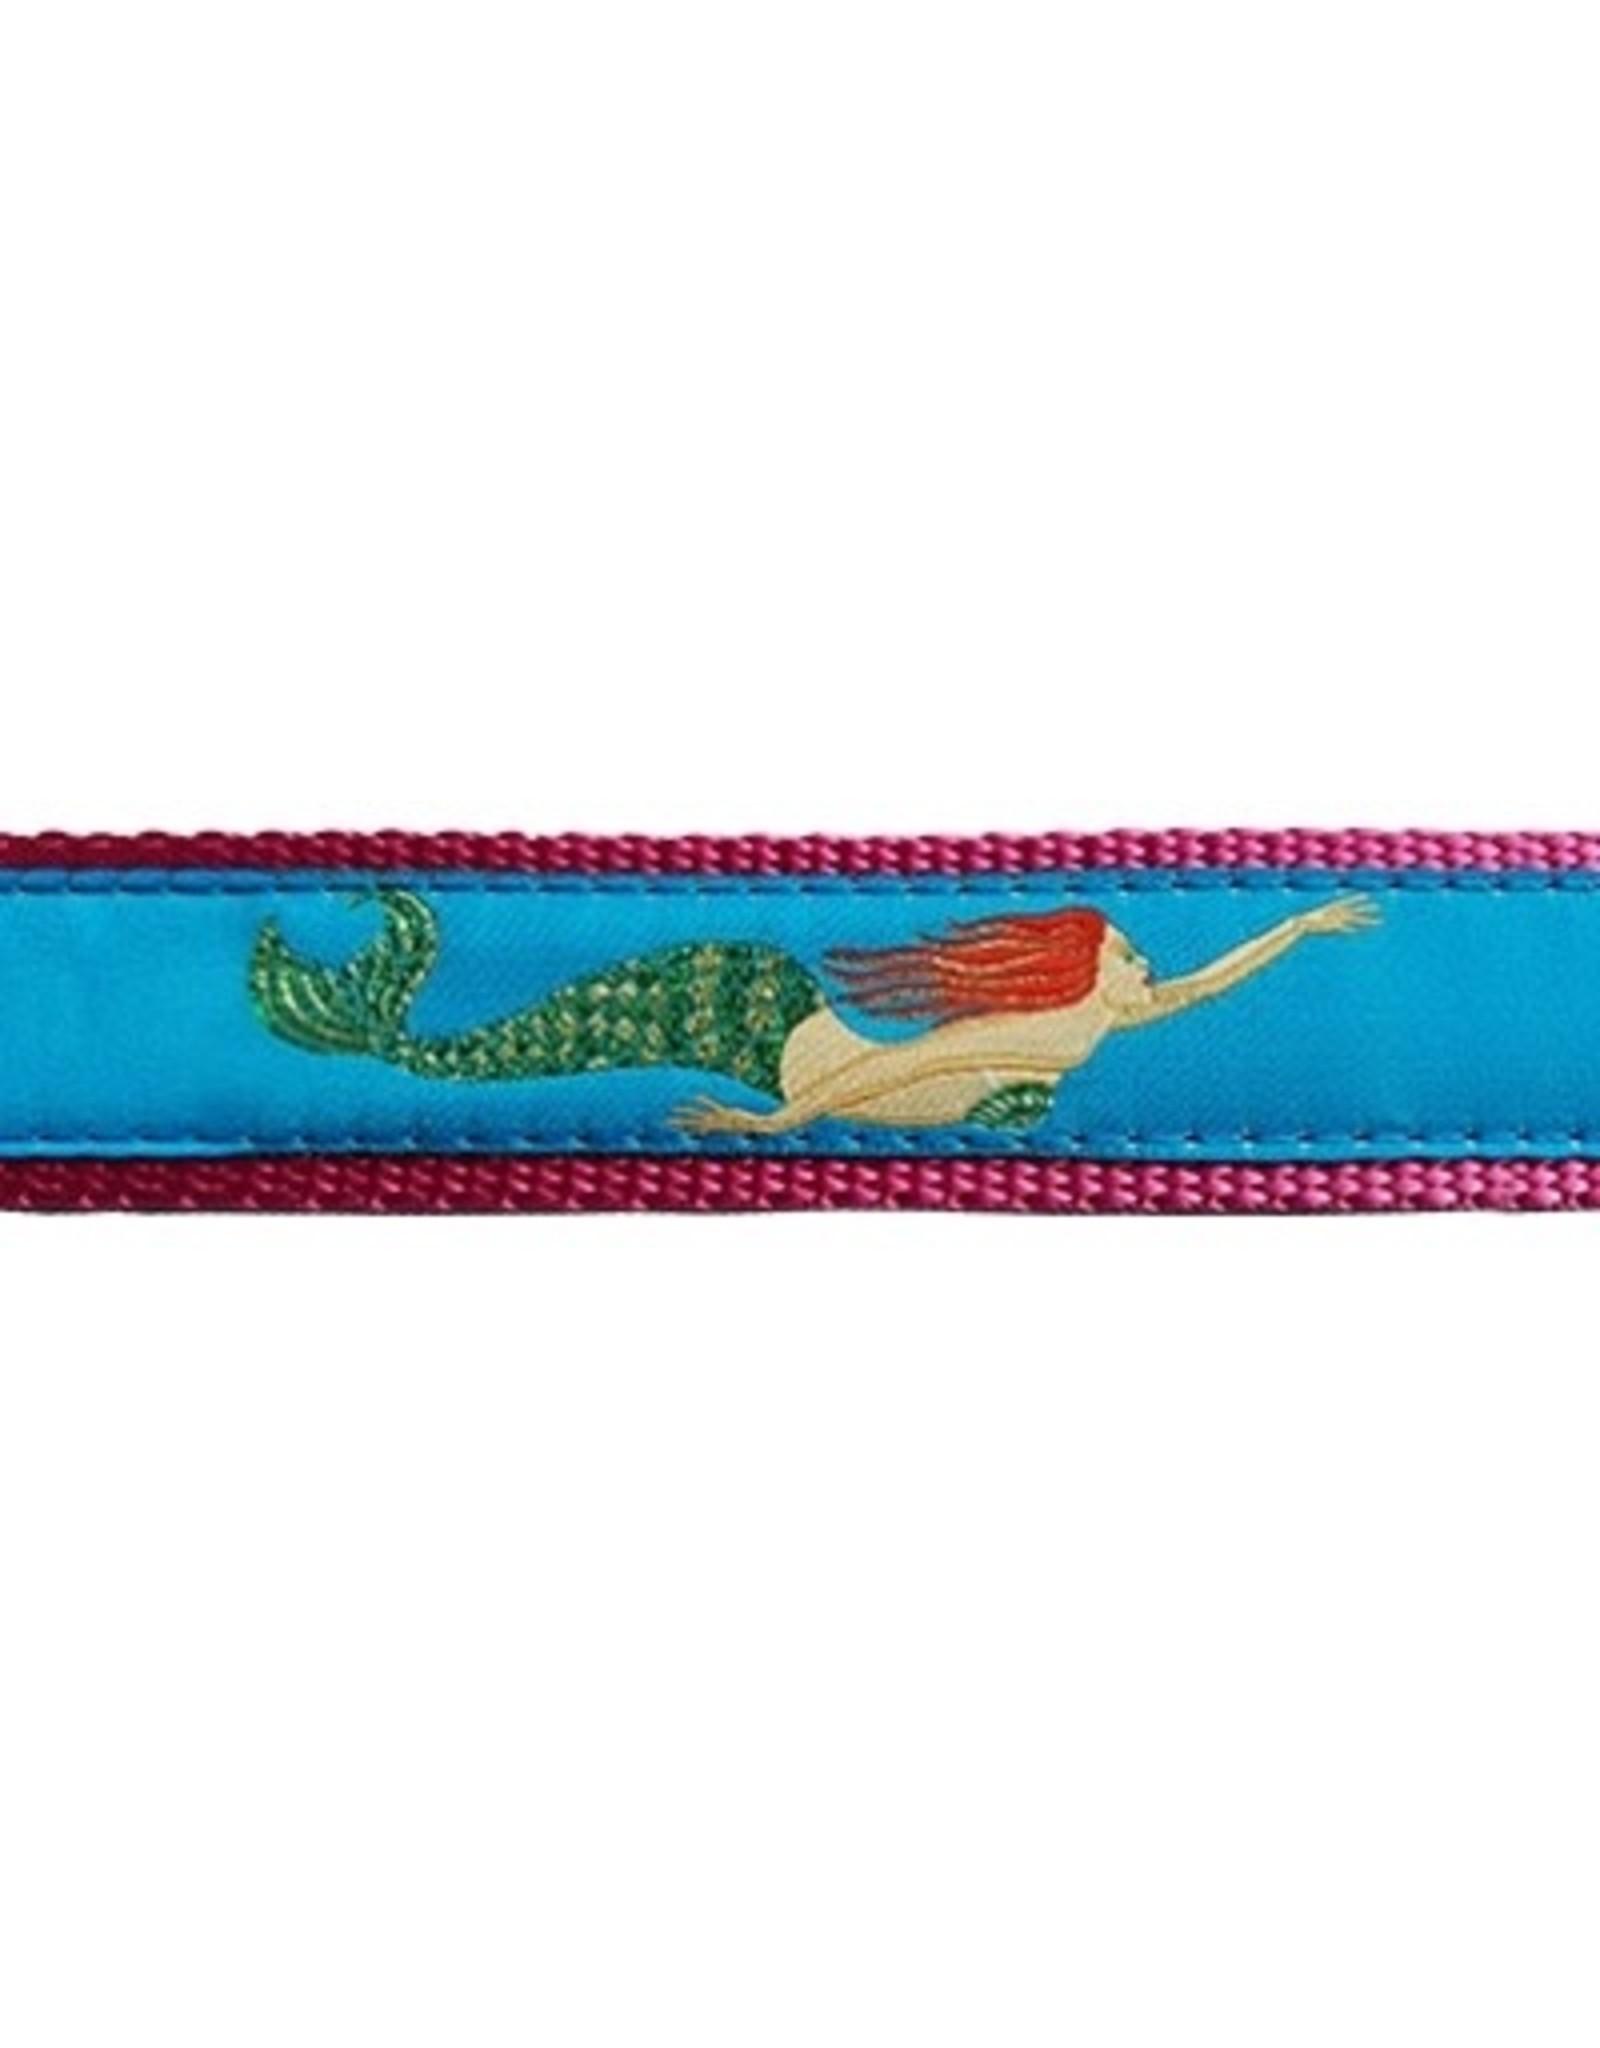 Preston Ribbons Mermaid Dog Collar